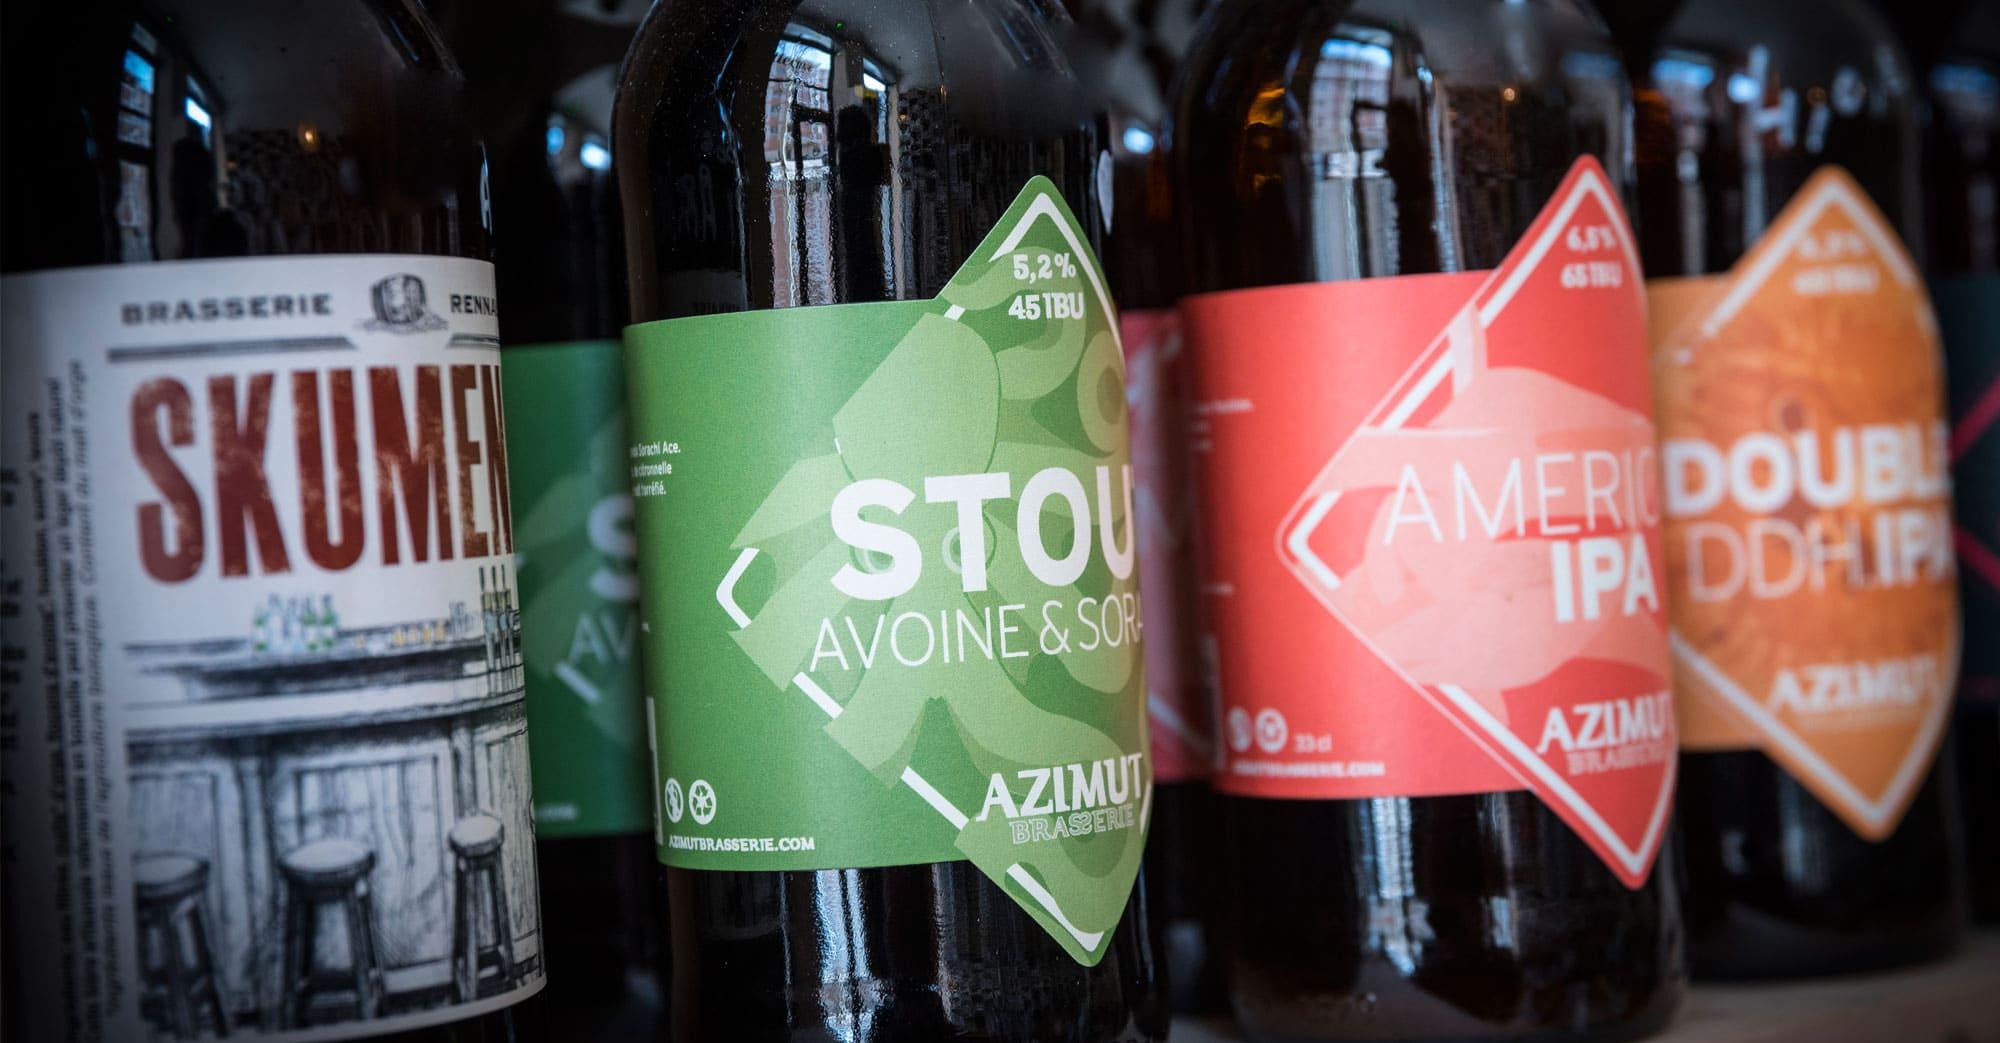 Cave à bières artisanales